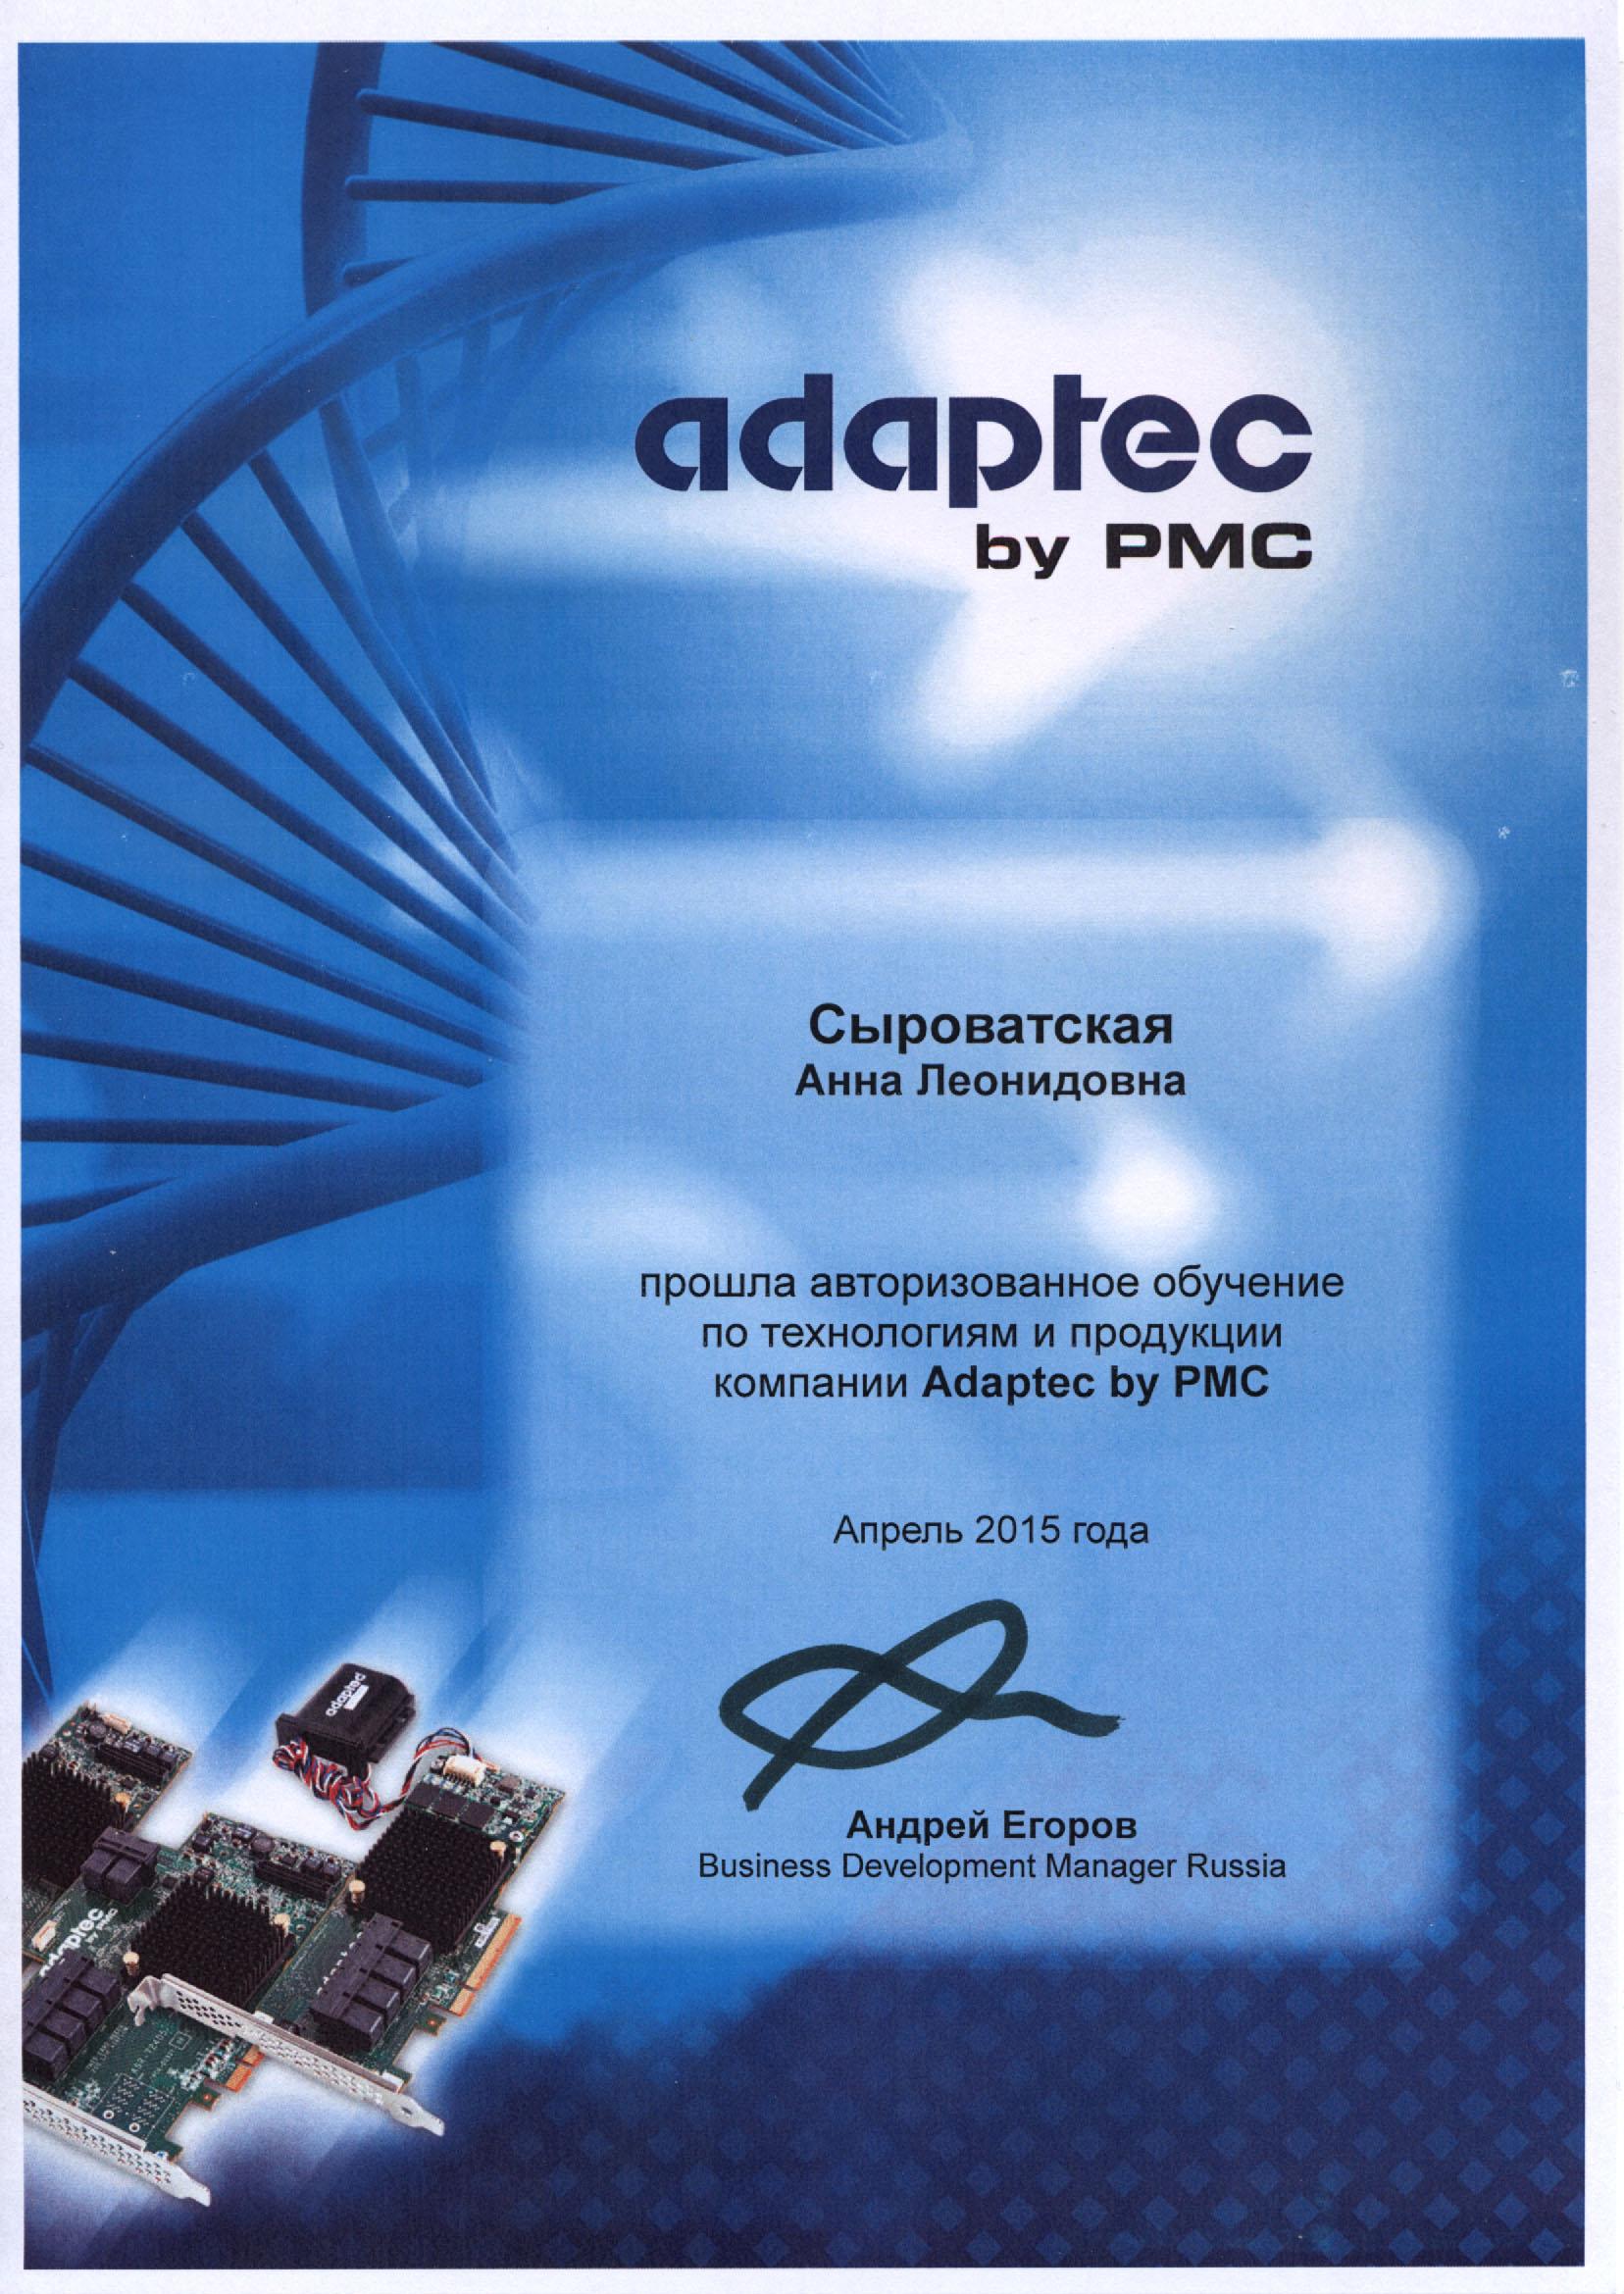 Сертификат Adaptec-Сыроватская Анна Леонидовна